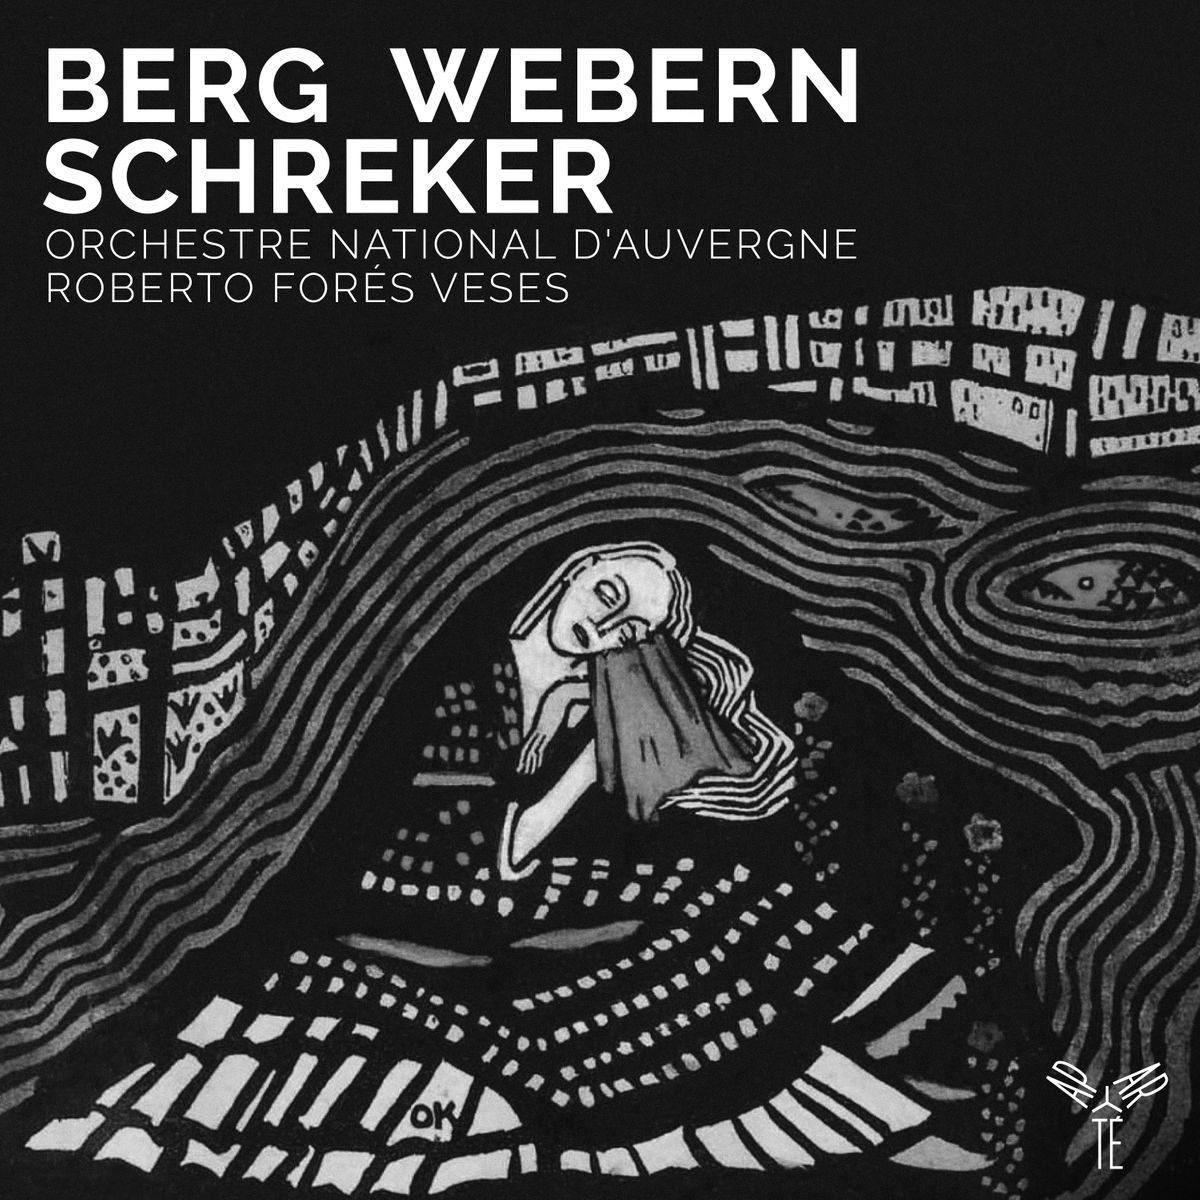 Berg Webern Schreker